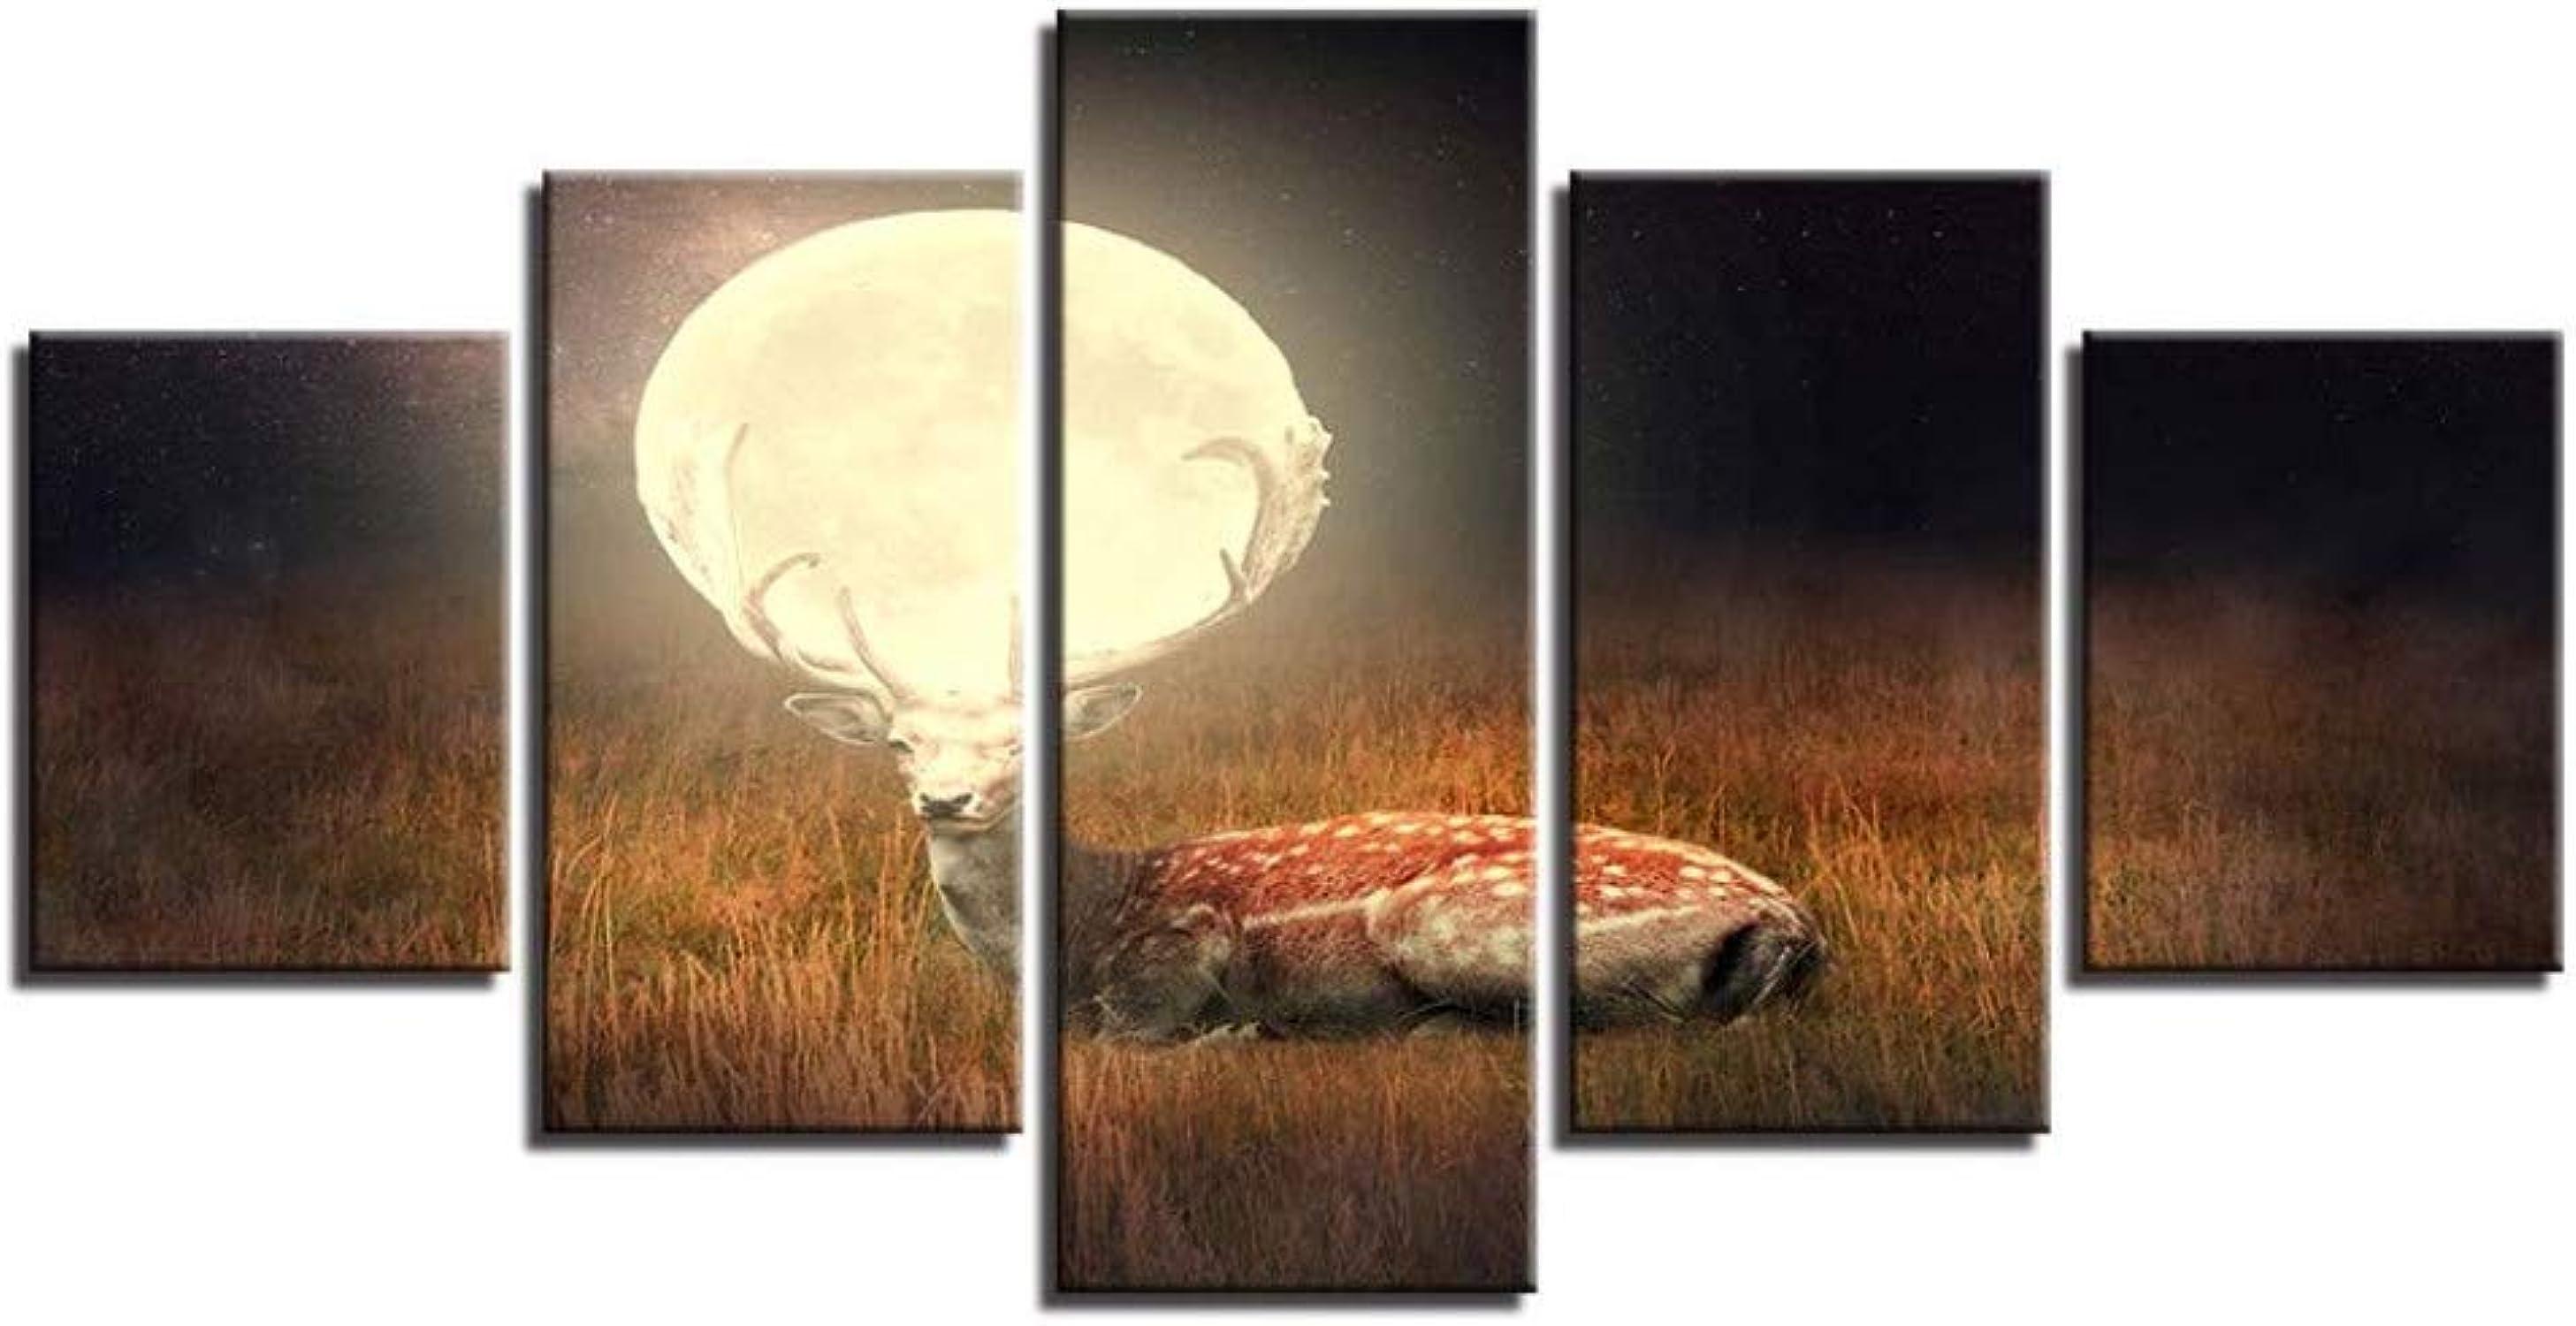 100% precio garantizado ASDZXC Arte De La Parojo Parojo Parojo Pintura De La Lona Impresiones HD Decoración del Hogar 5 Unids Sika Deer Modular Moon Paisaje Imágenes para Dormitorio Ilustraciones Cartel  con 60% de descuento